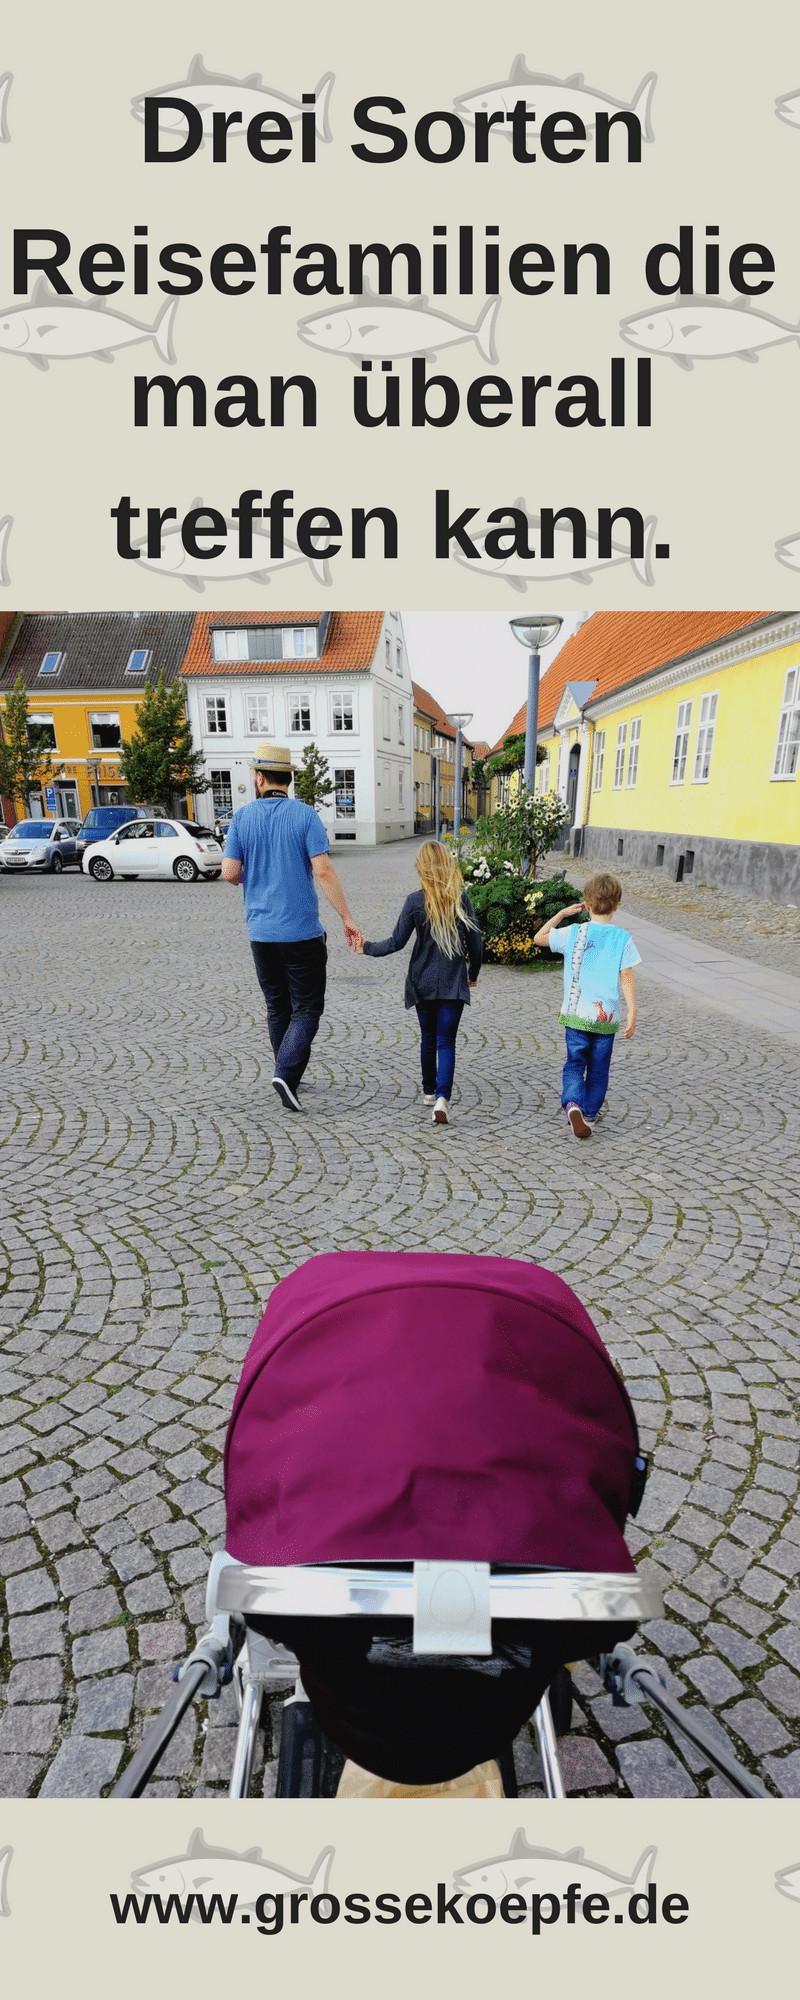 Welche Reisefamilien man überall treffen kann